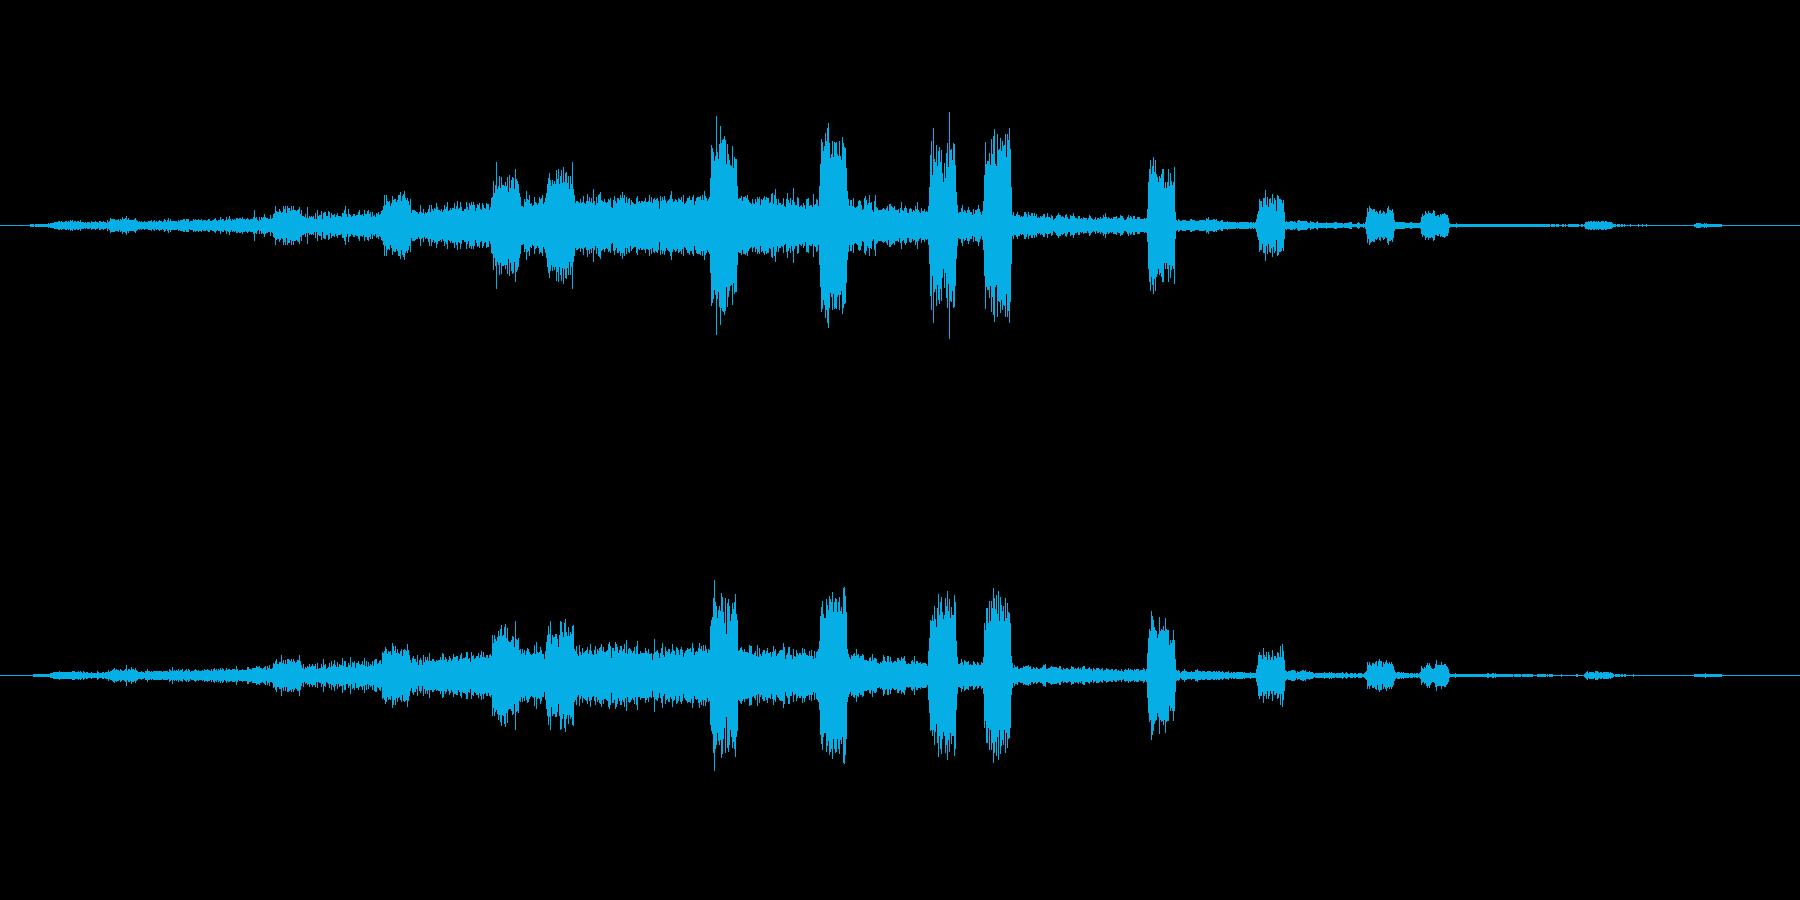 企業のサウンドロゴ(Cool+進歩)の再生済みの波形